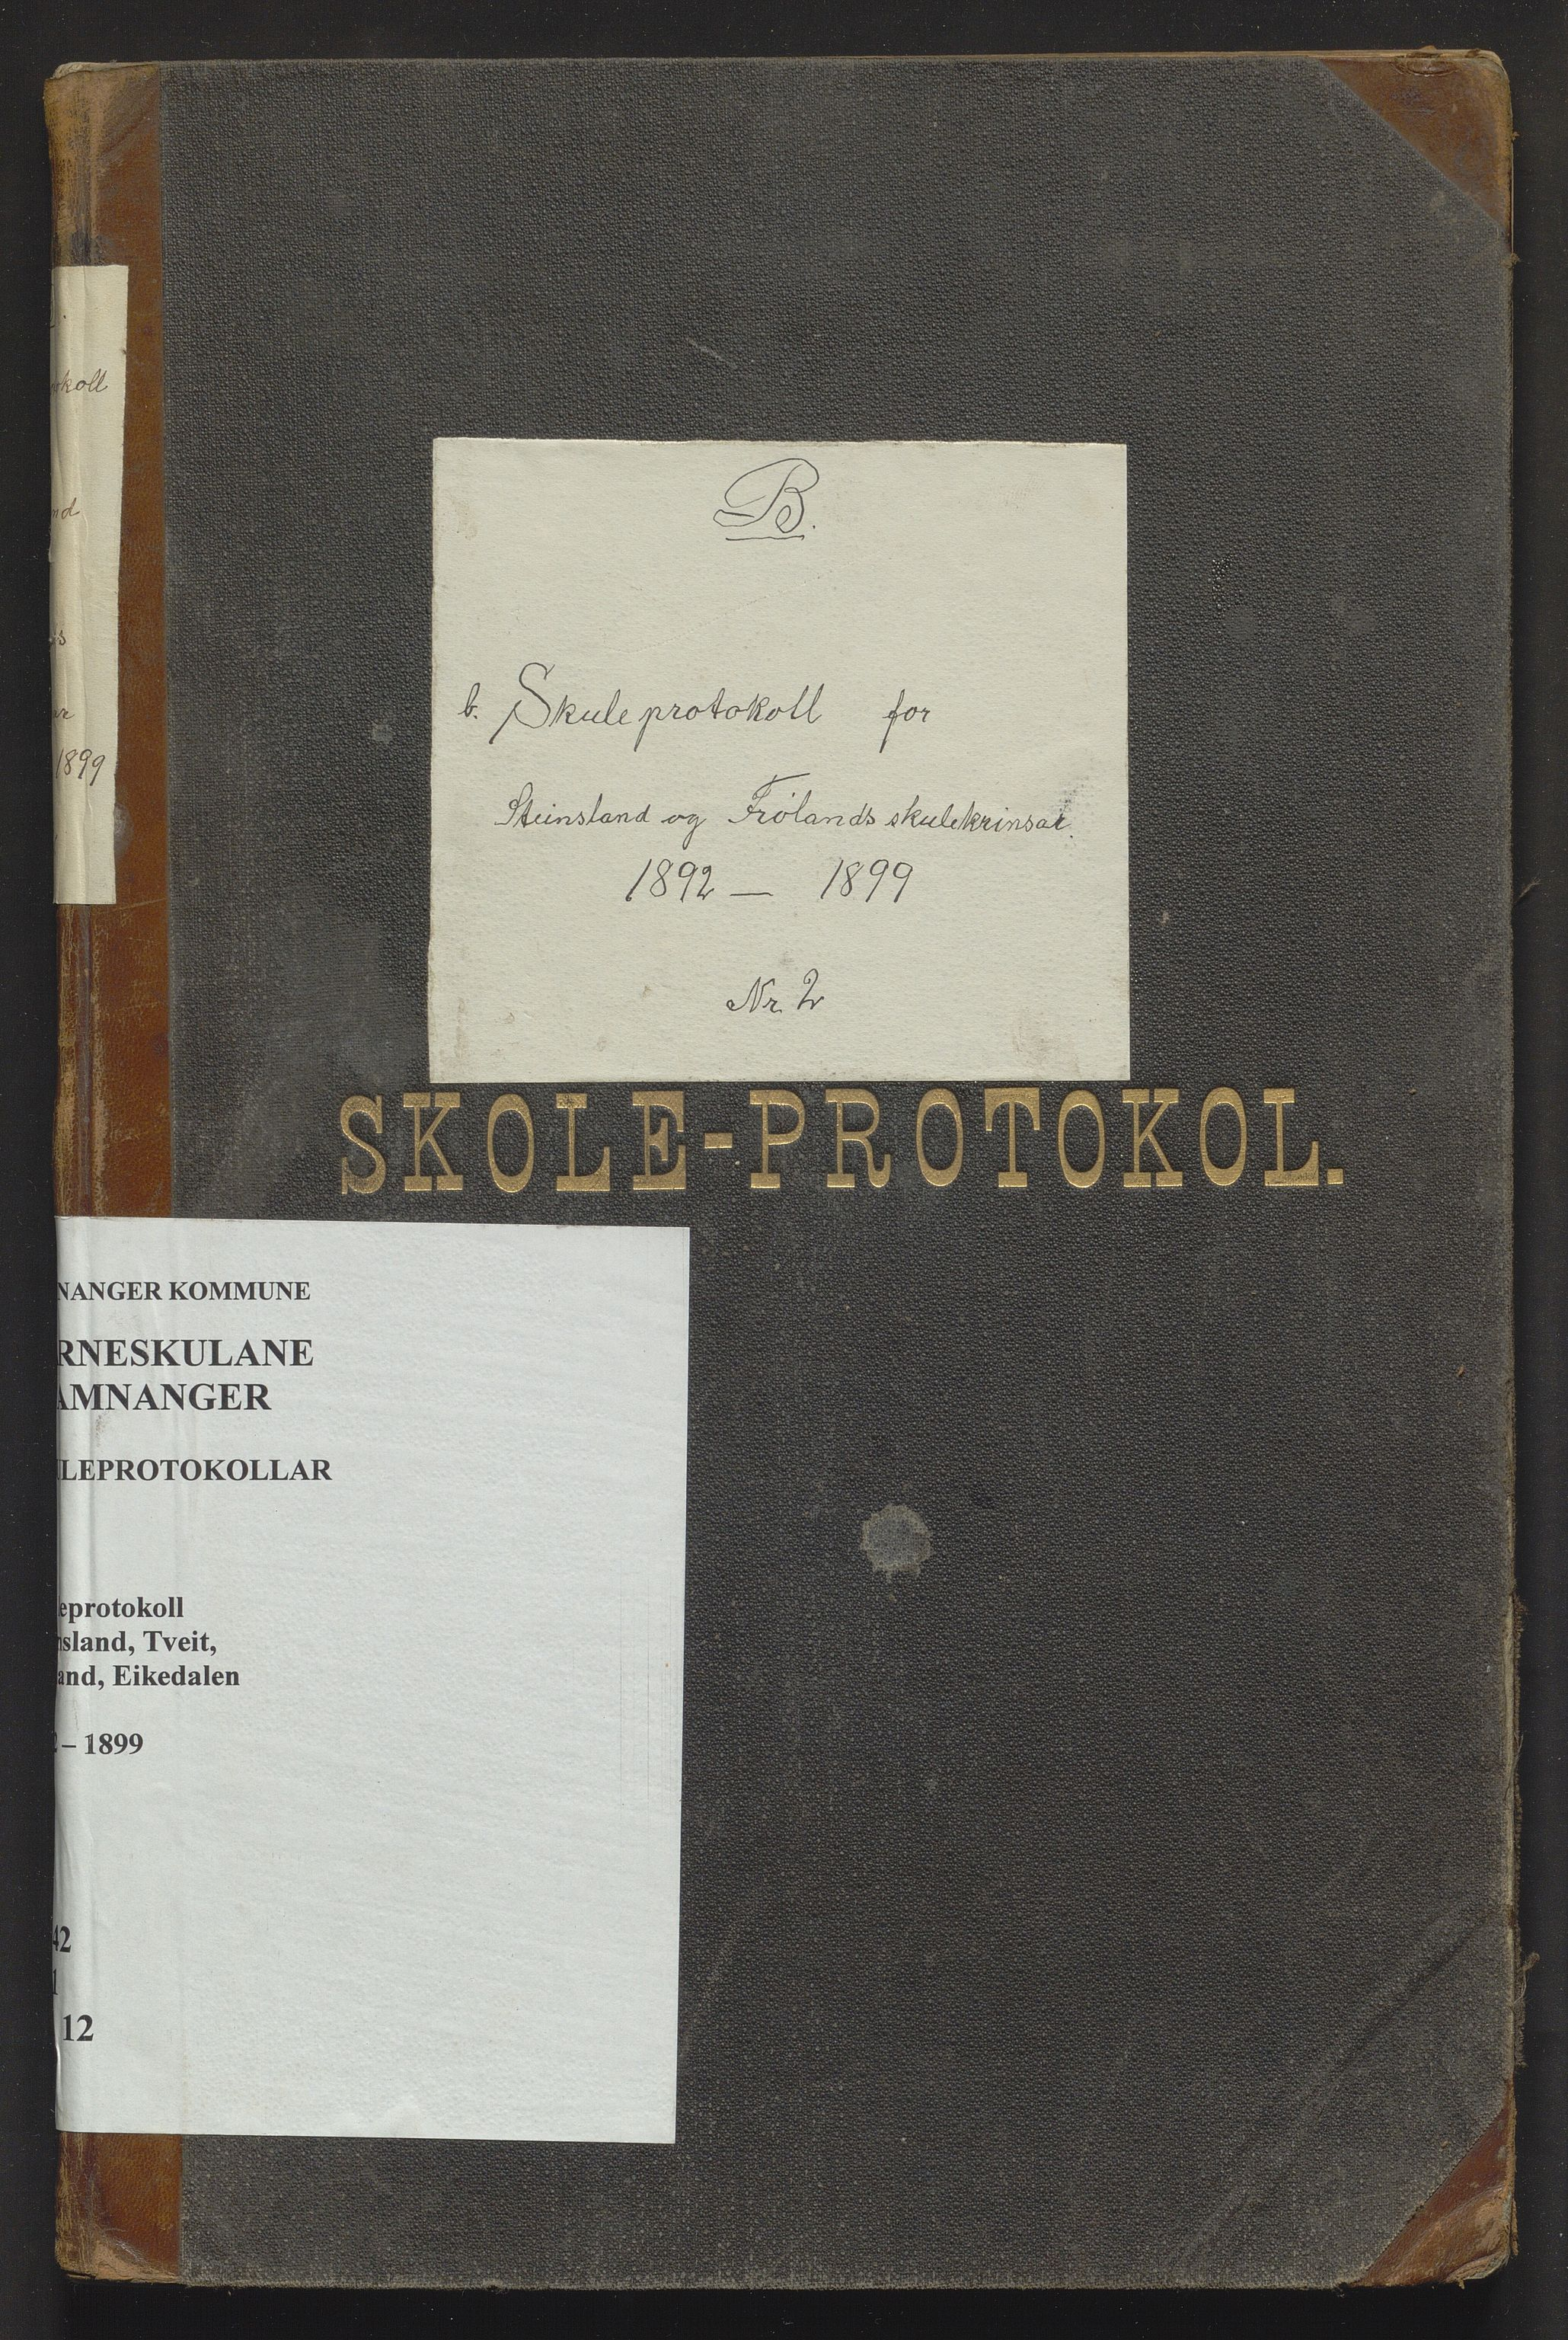 IKAH, Samnanger kommune. Barneskulane, F/Fa/L0012: Skuleprotokoll for læraren i Os prestegjeld, Samnanger sokn for krinsane, 1892-1899